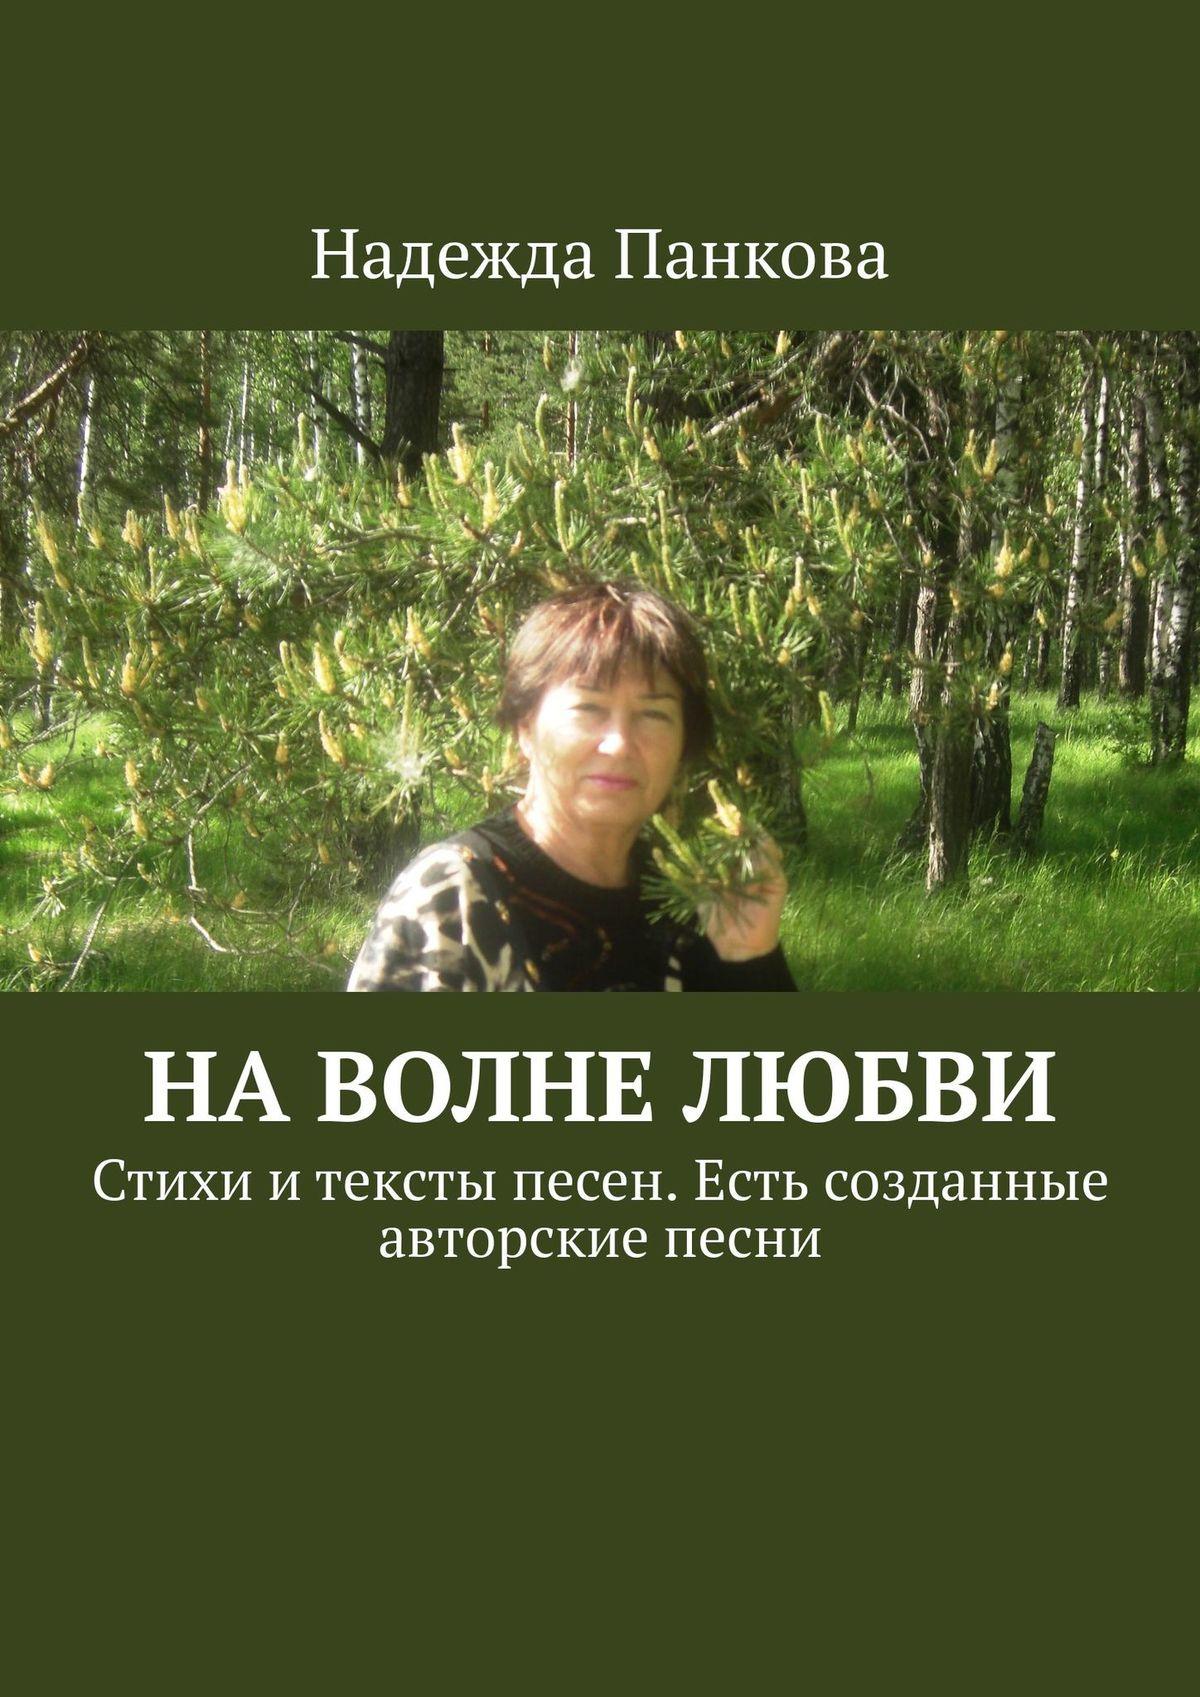 Надежда Панкова Наволне любви. Стихи итексты песен. Есть созданные авторские песни